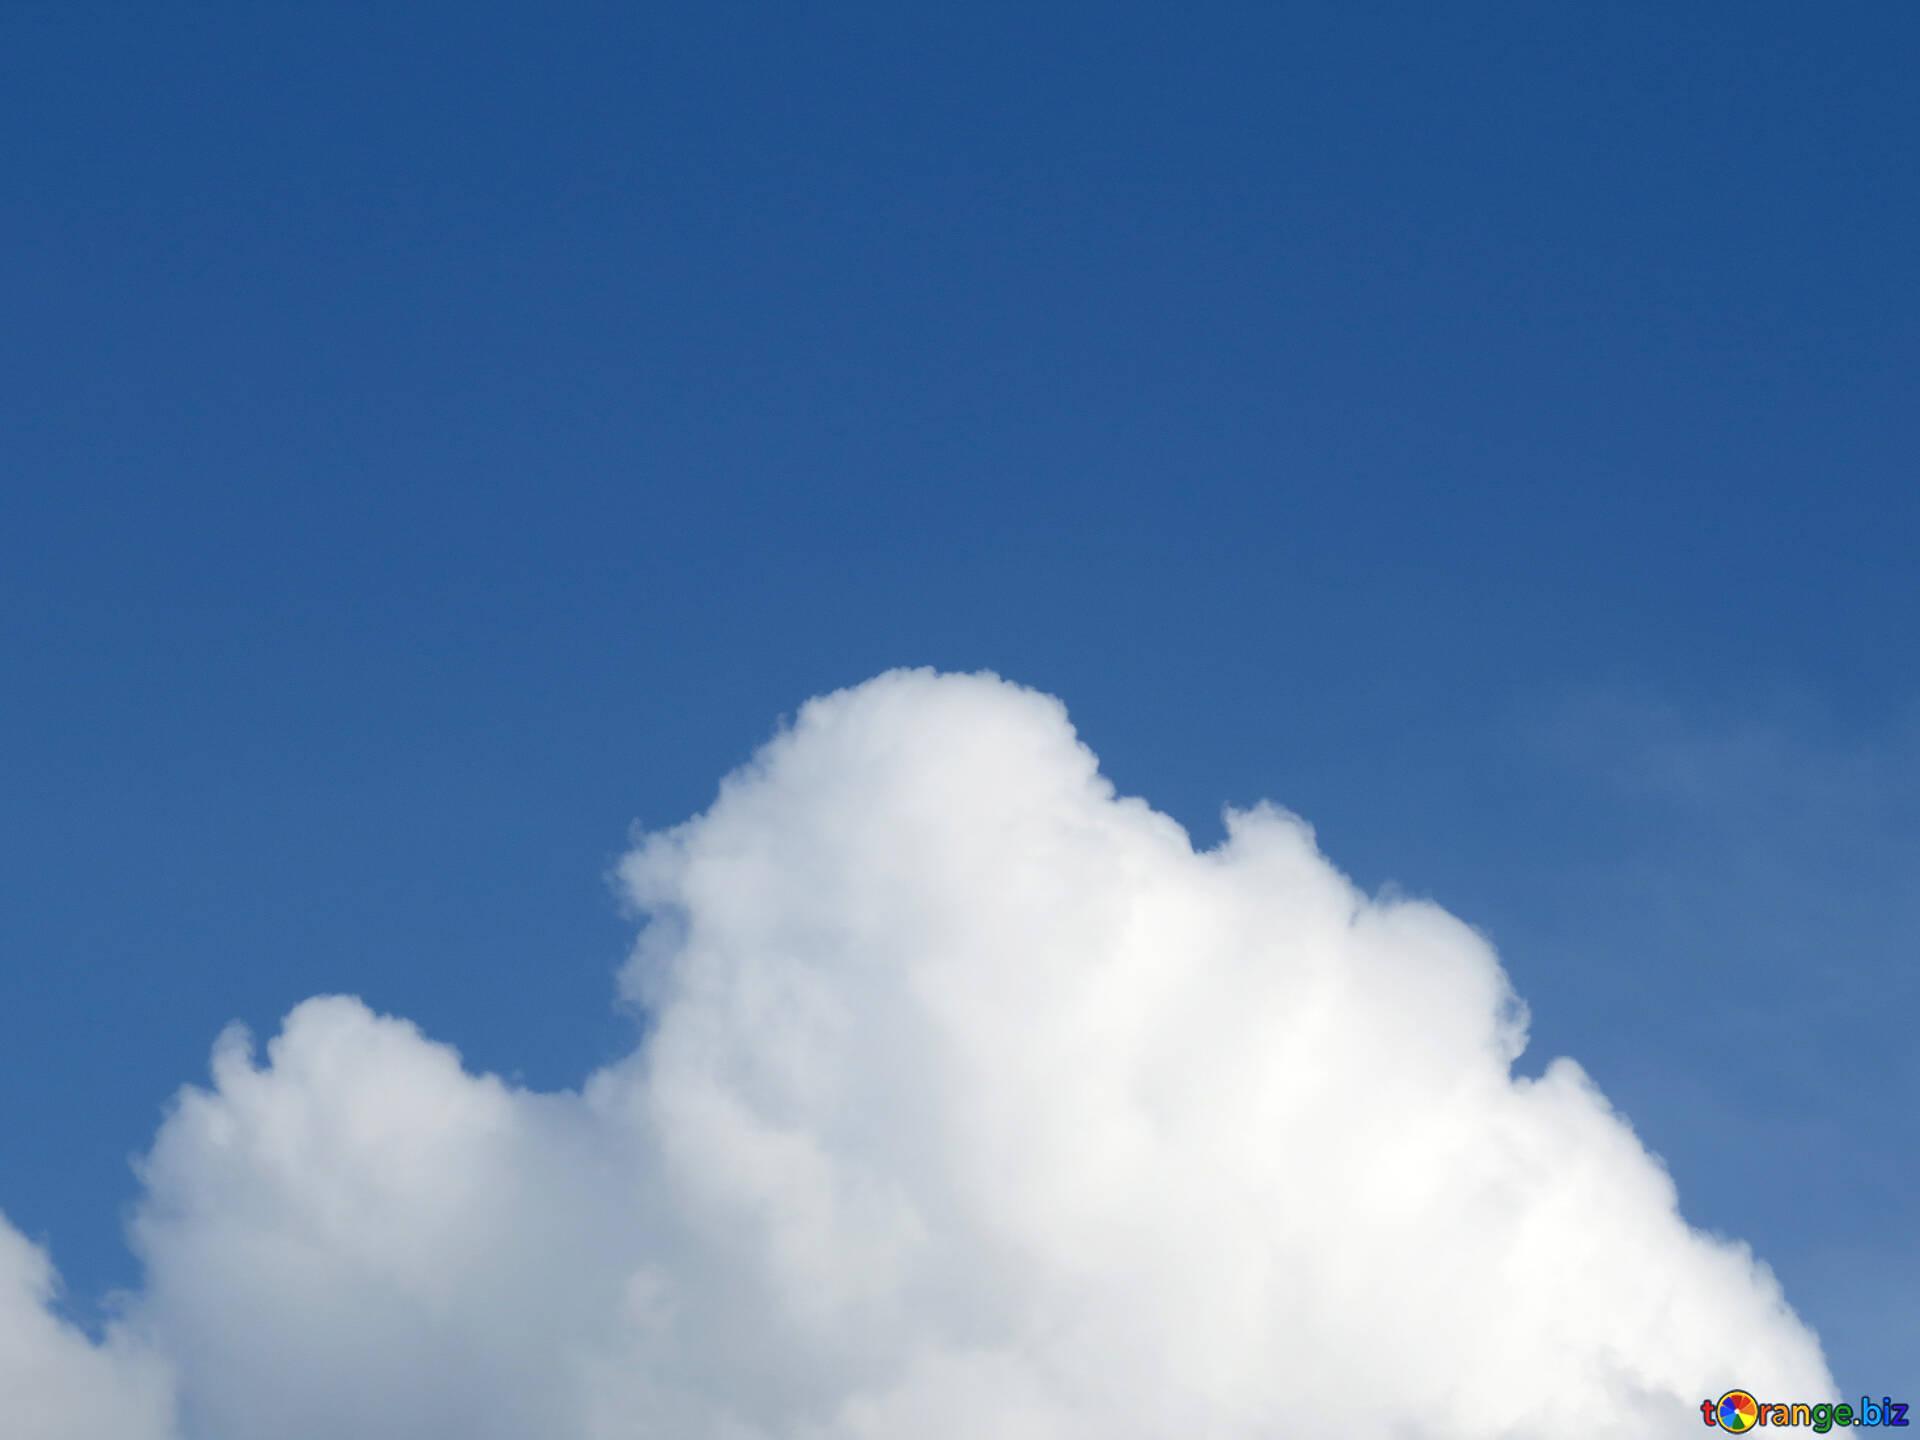 Blauer himmel weiße wolke auf blauem hintergrund himmel № 31045